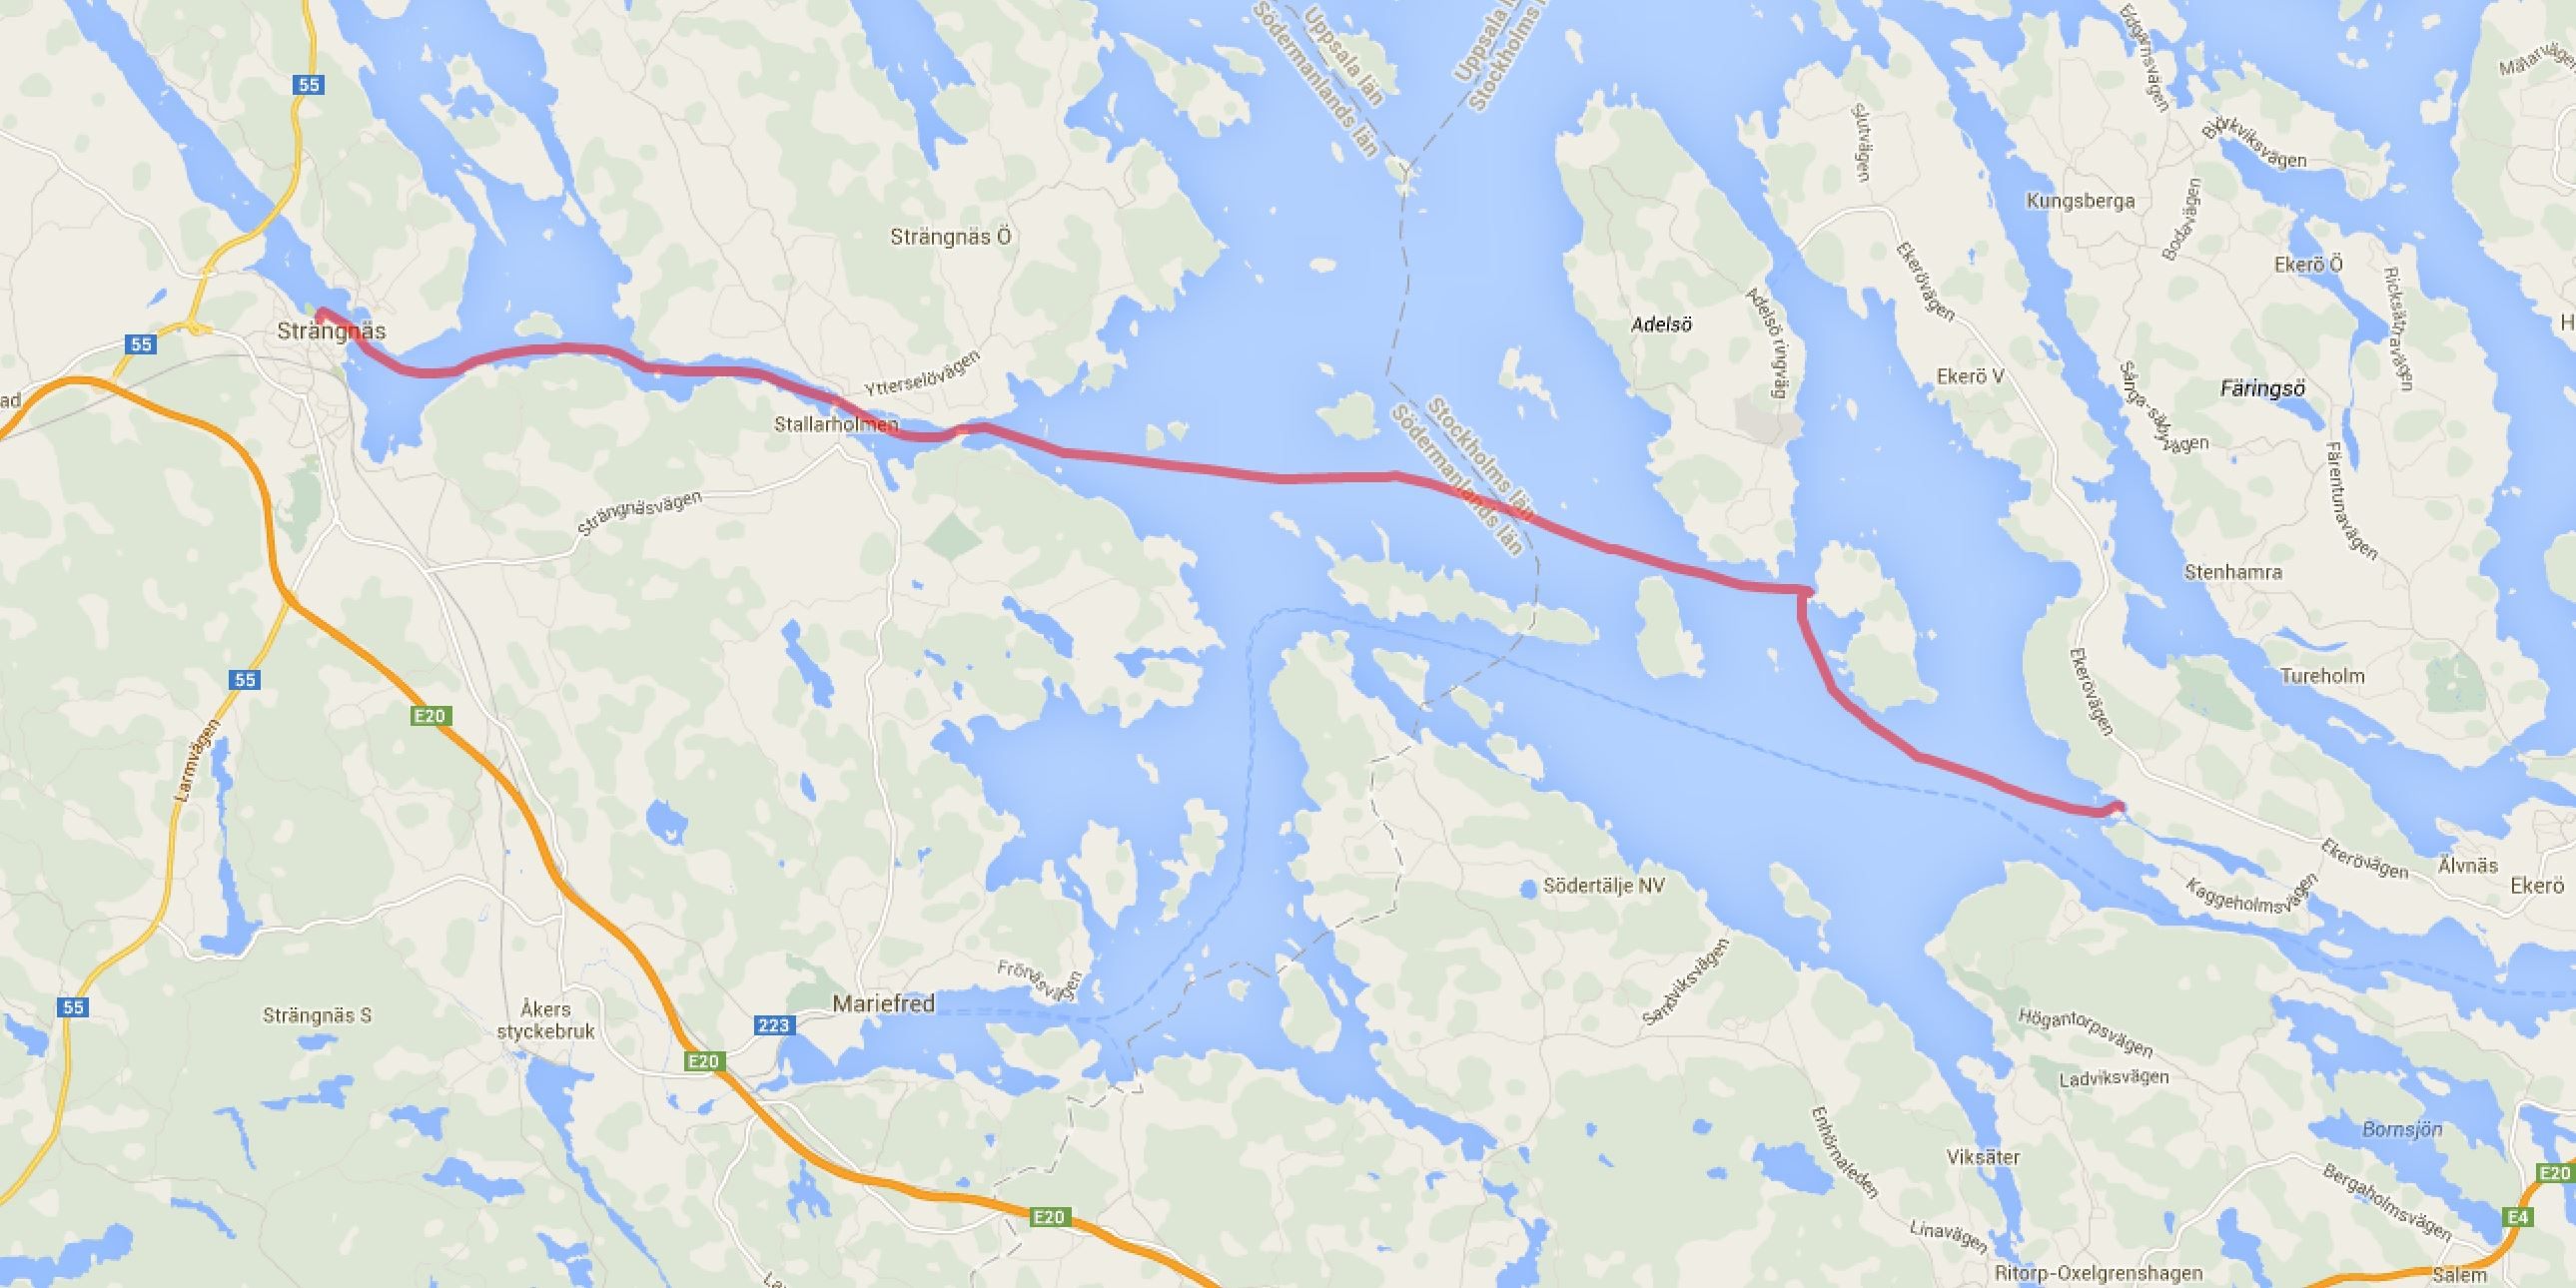 Rastaholm - Björkö - Strängnäs